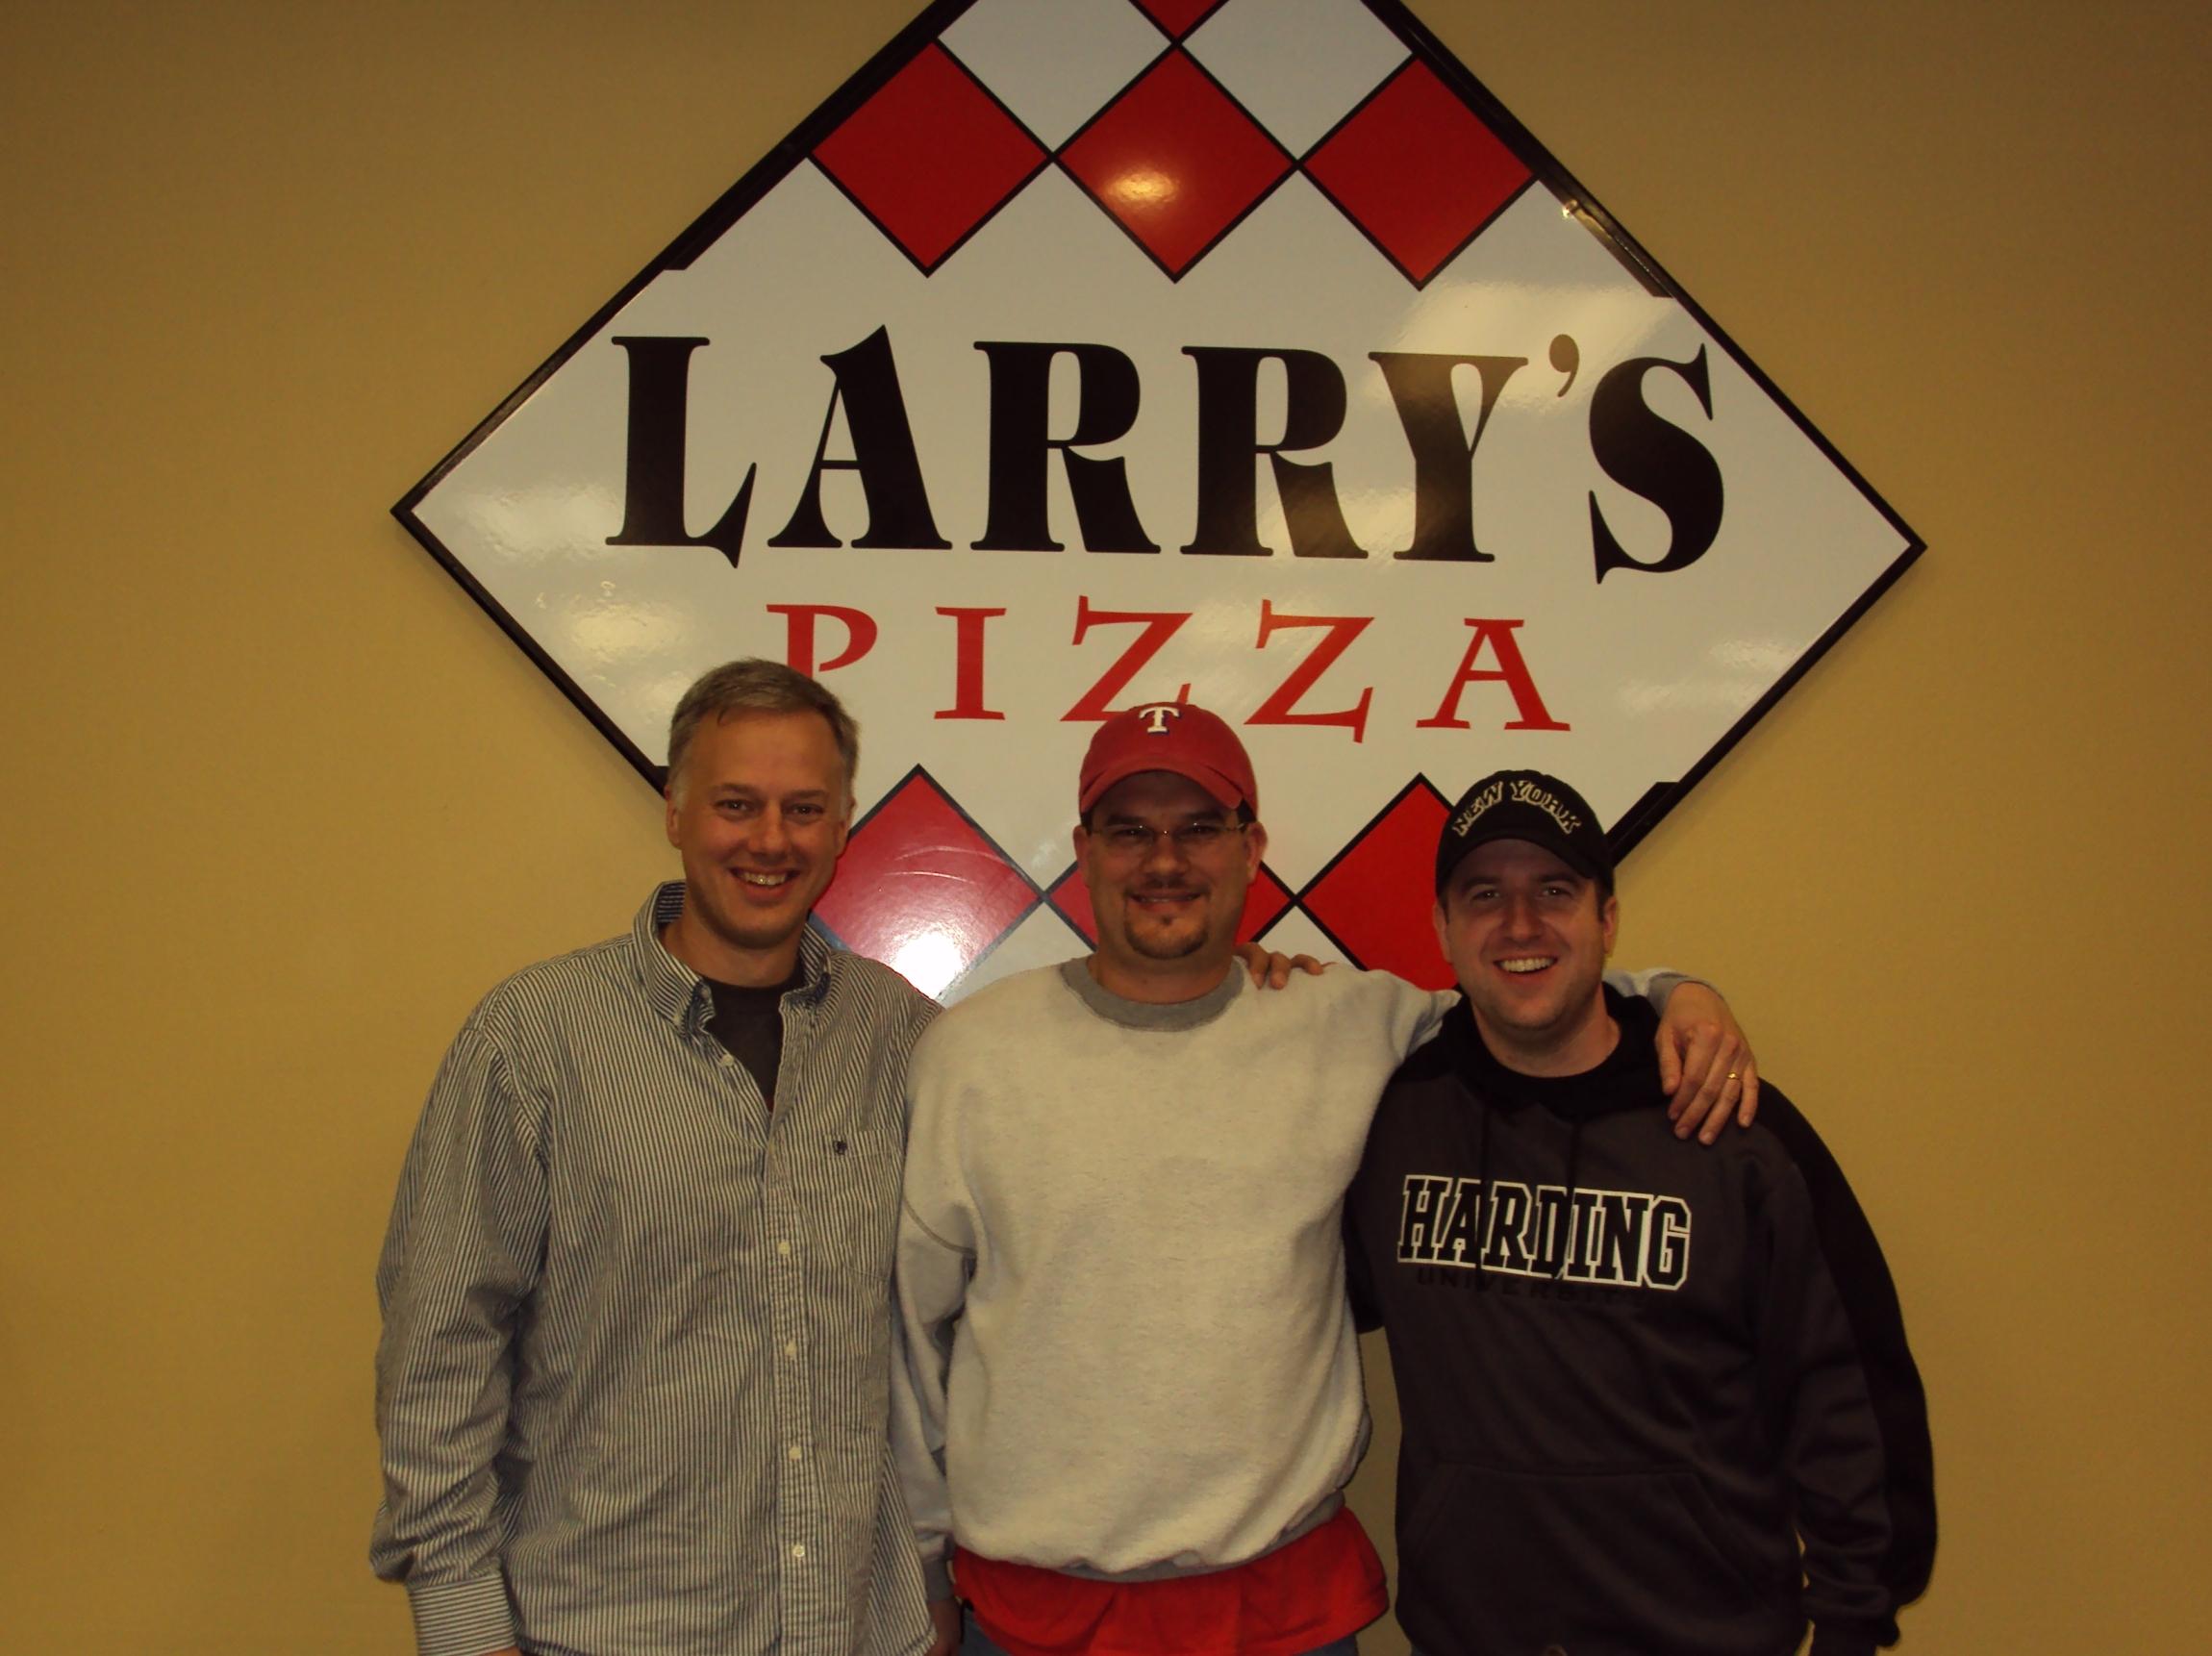 Larry'sPizza